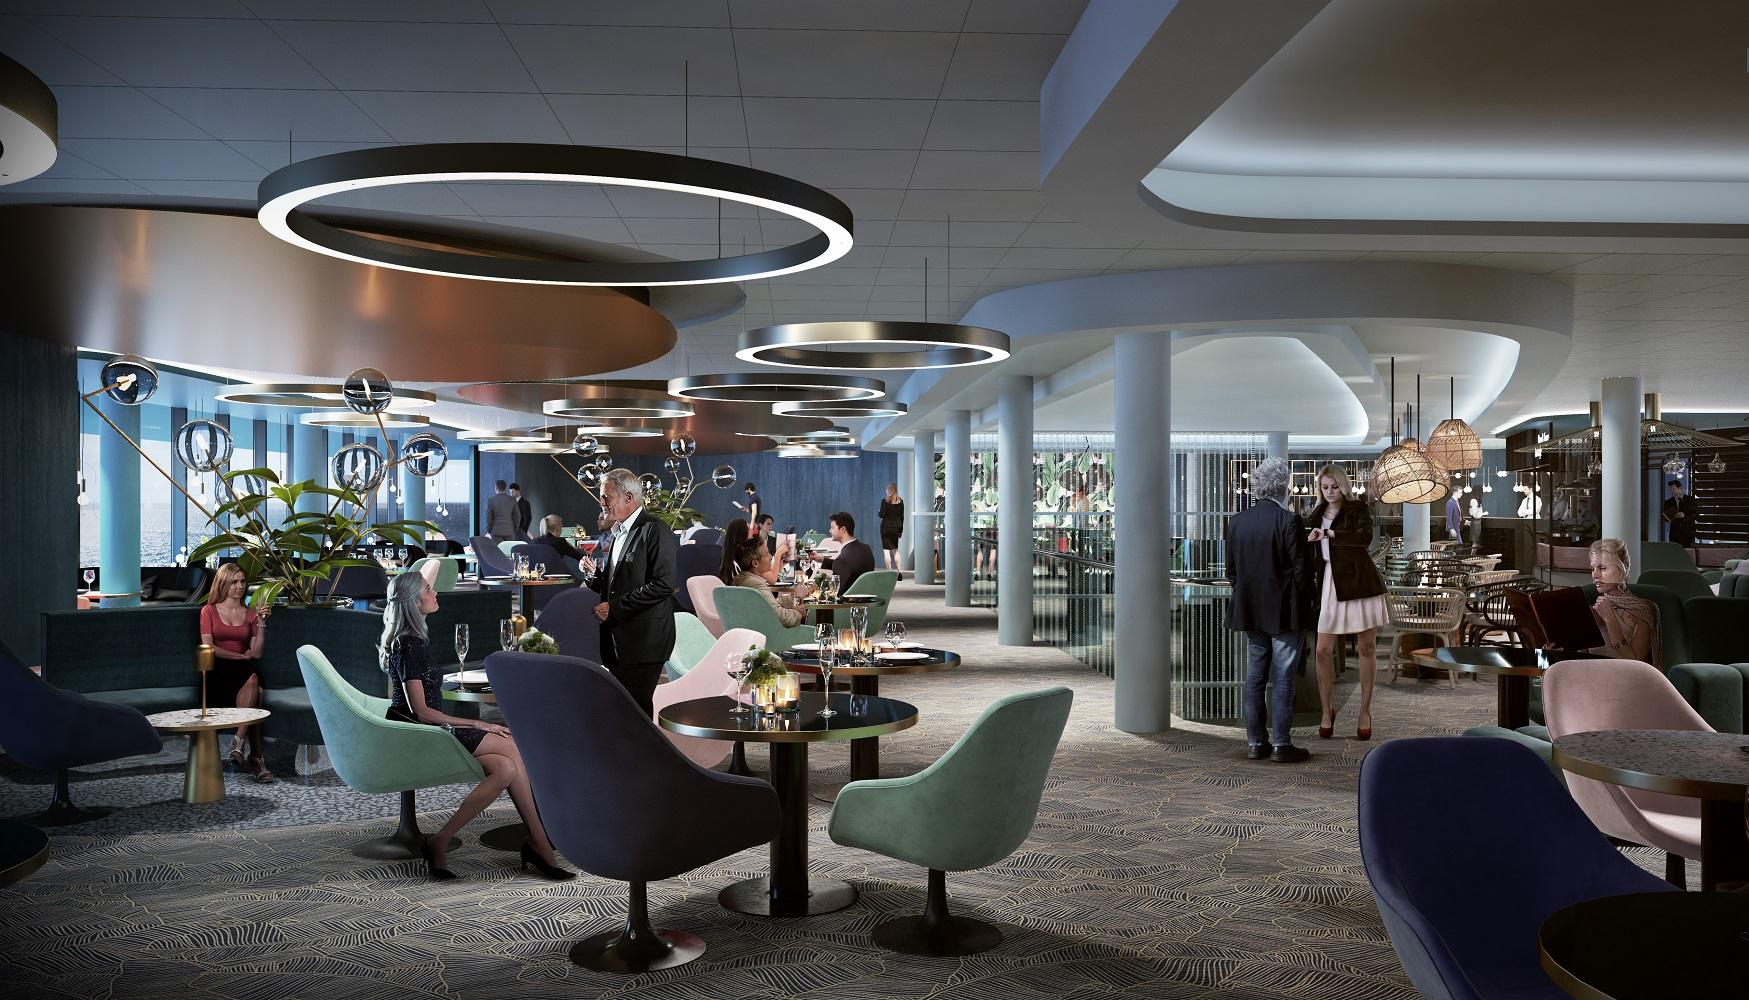 Von Aisslinger designt: die Schau Bar der neuen Mein Schiff 2 von TUI Cruises